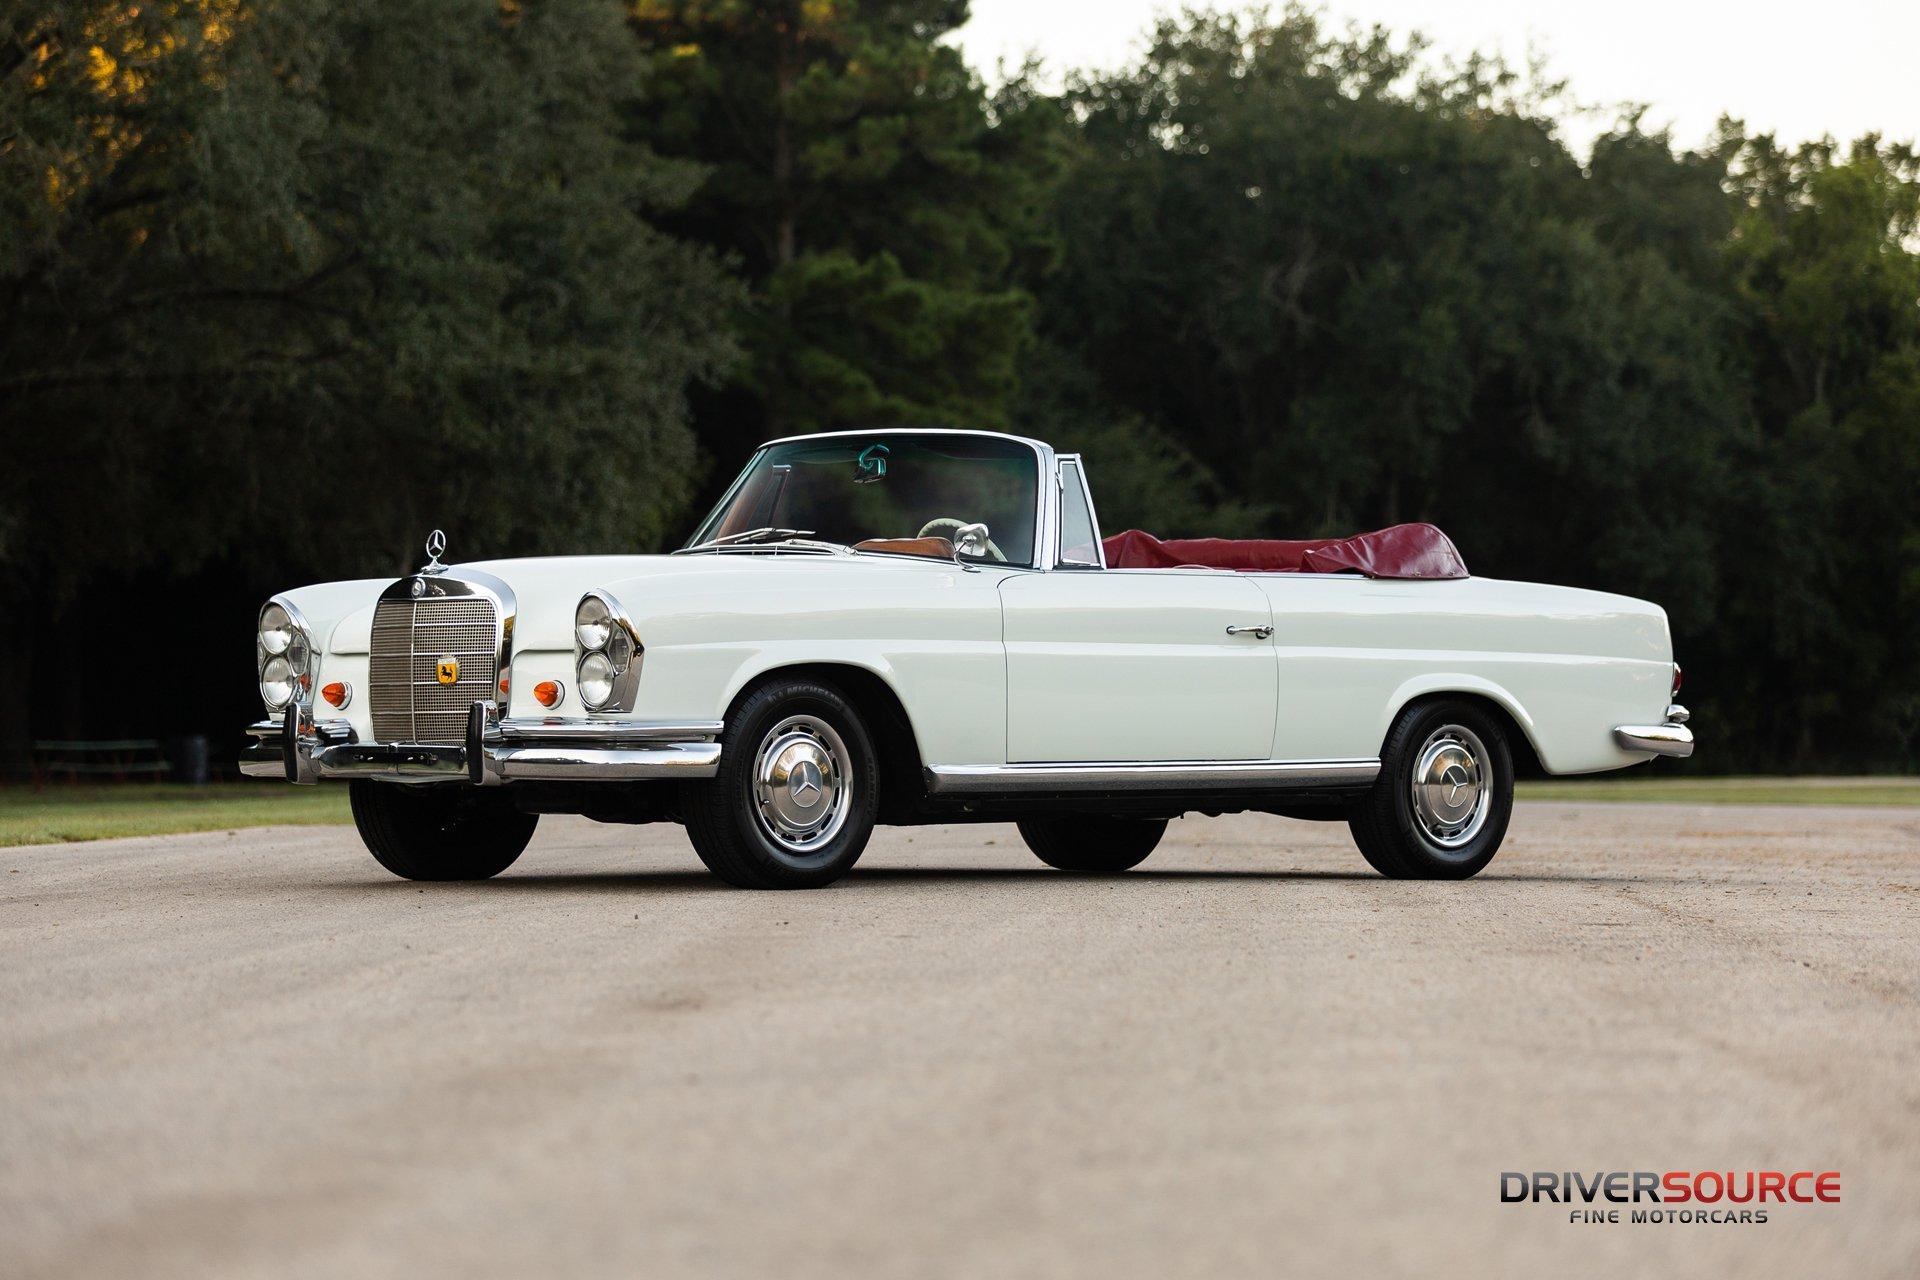 1963 mercedes benz 220seb cabriolet